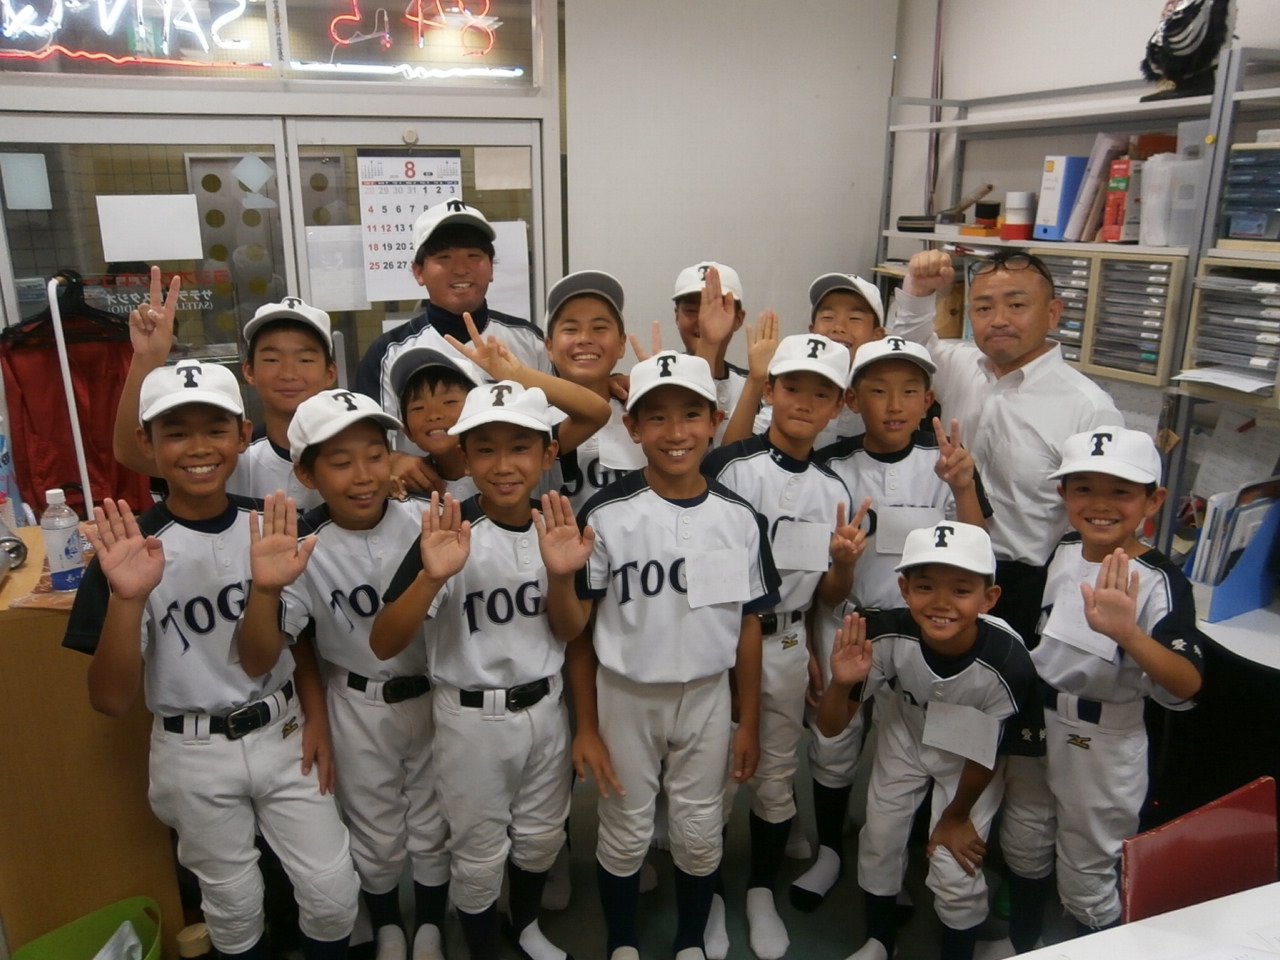 サンキューイブニング 陶原少年野球クラブ